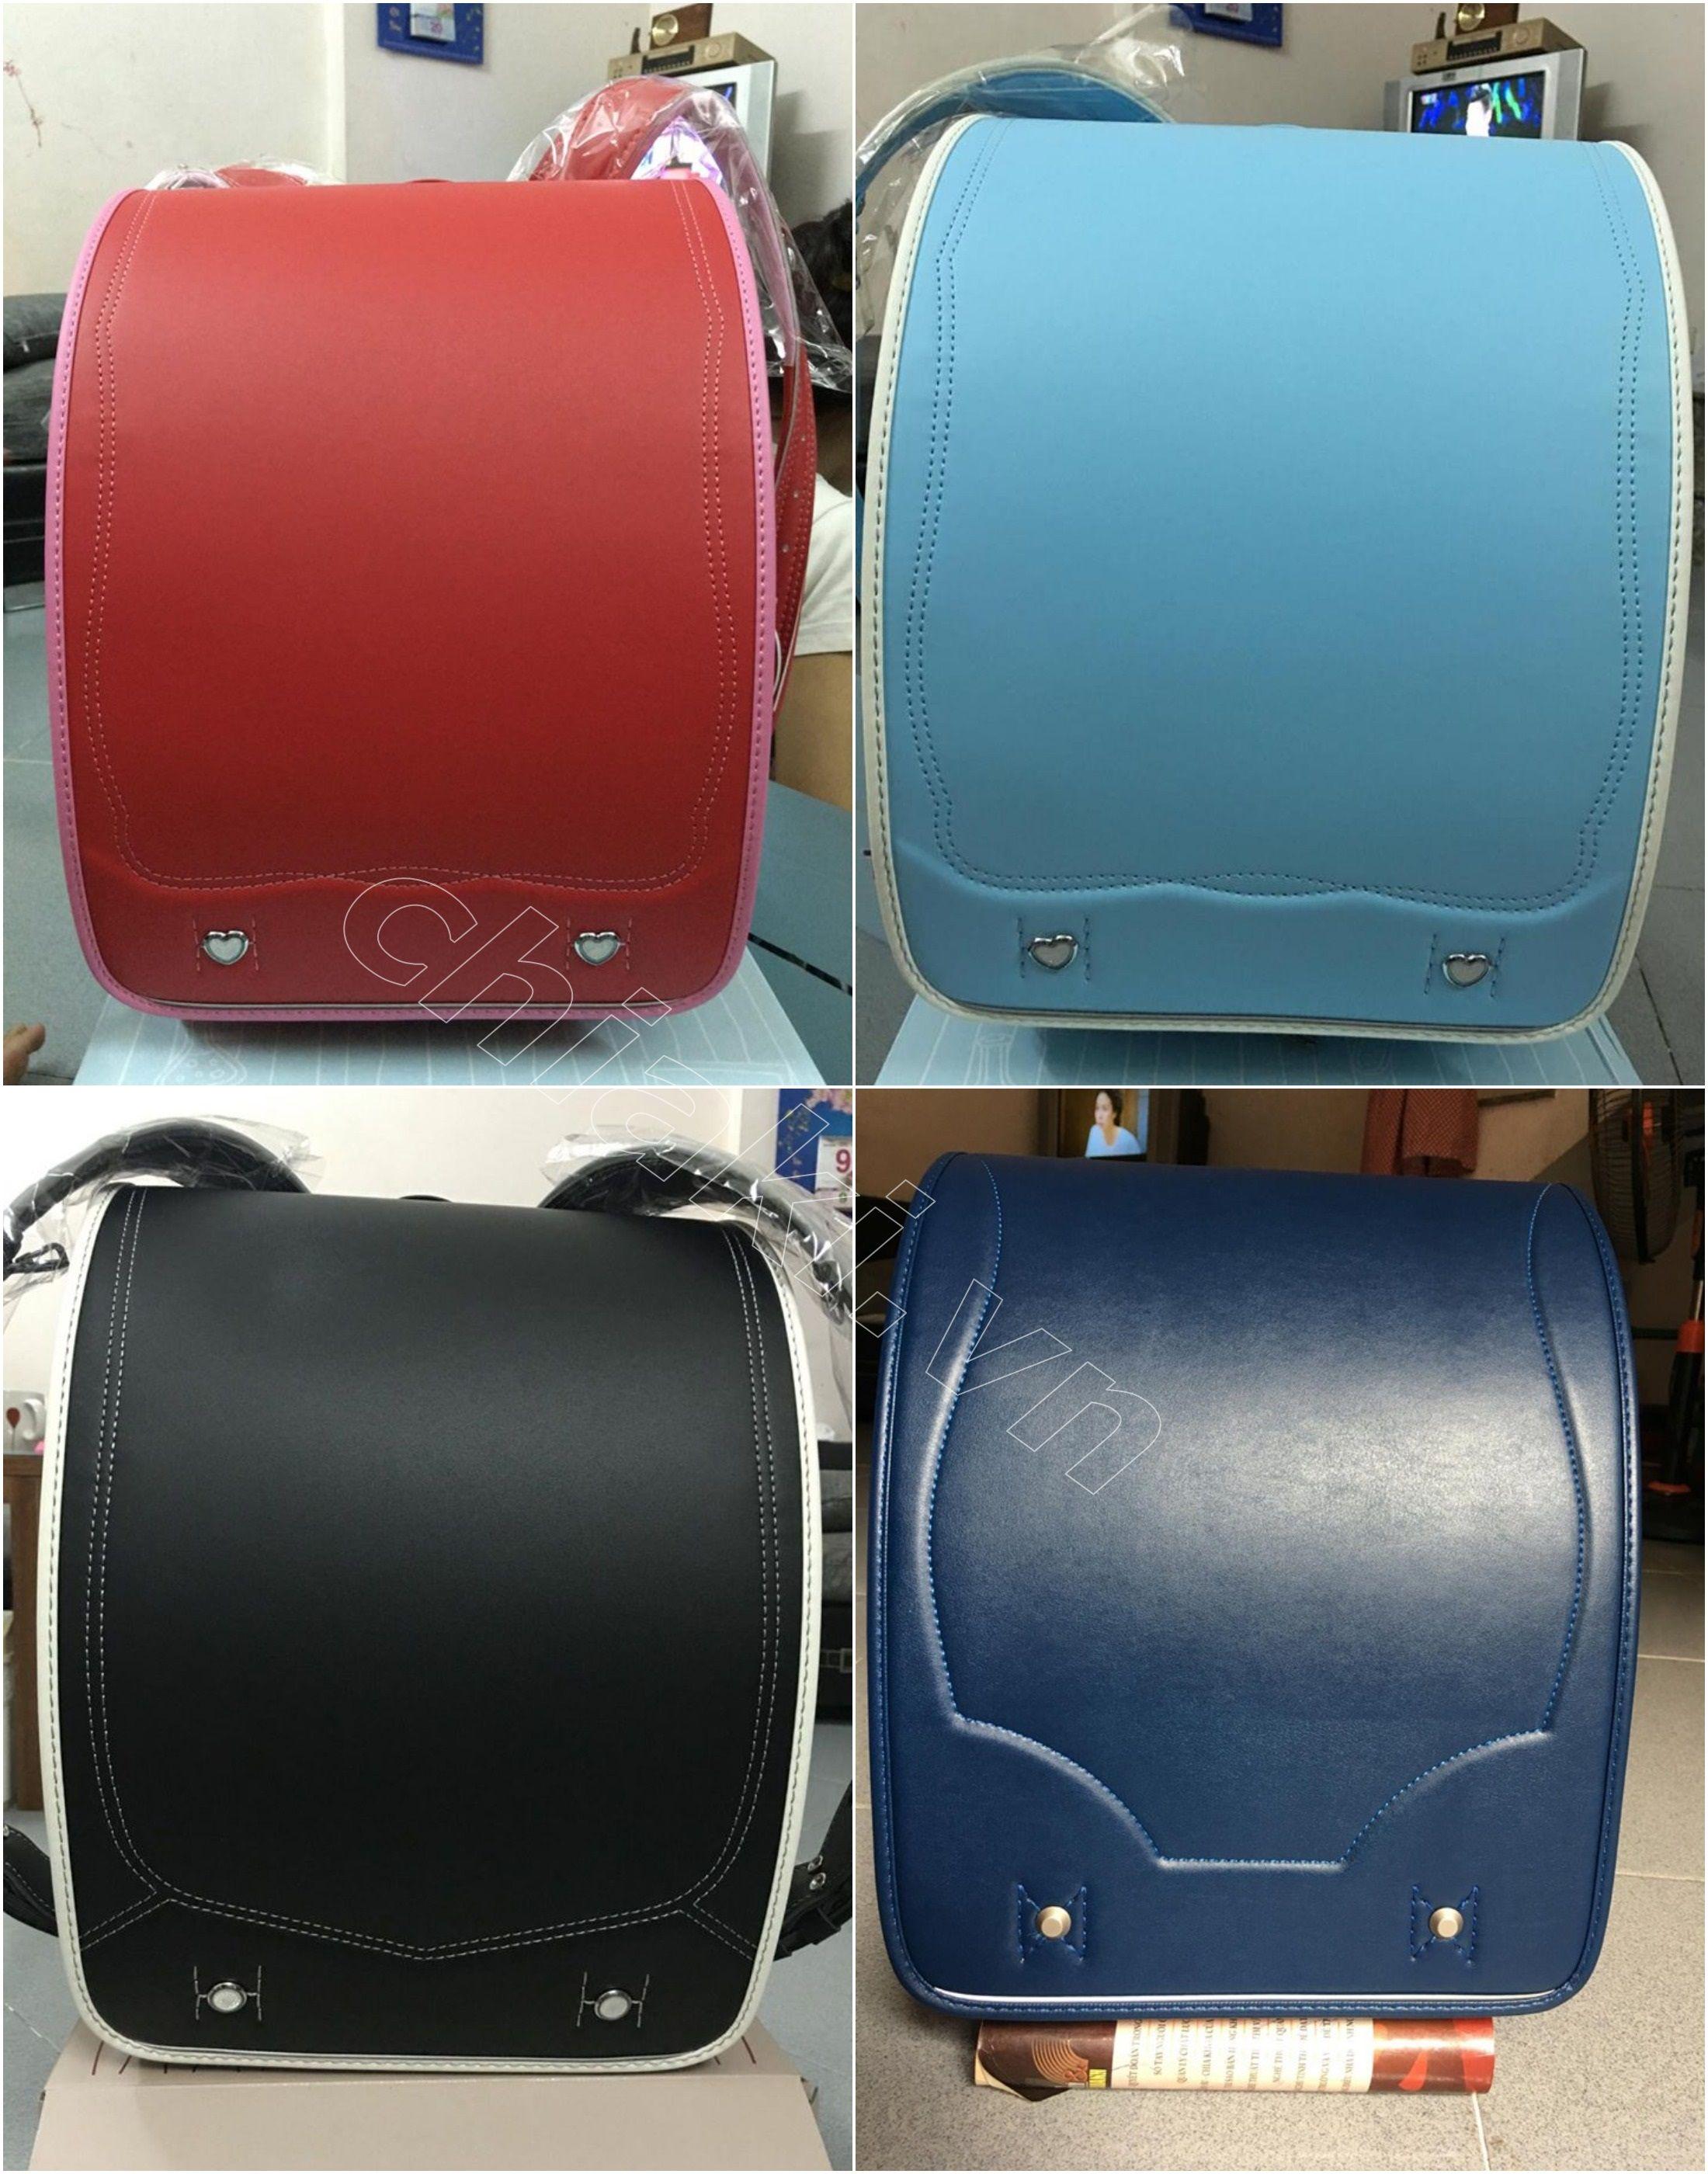 Cặp chống gù lưng Nhật Bản Randoseru cấp 2 khóa cơ có nhiều màu sắc cho mẹ lựa chọn